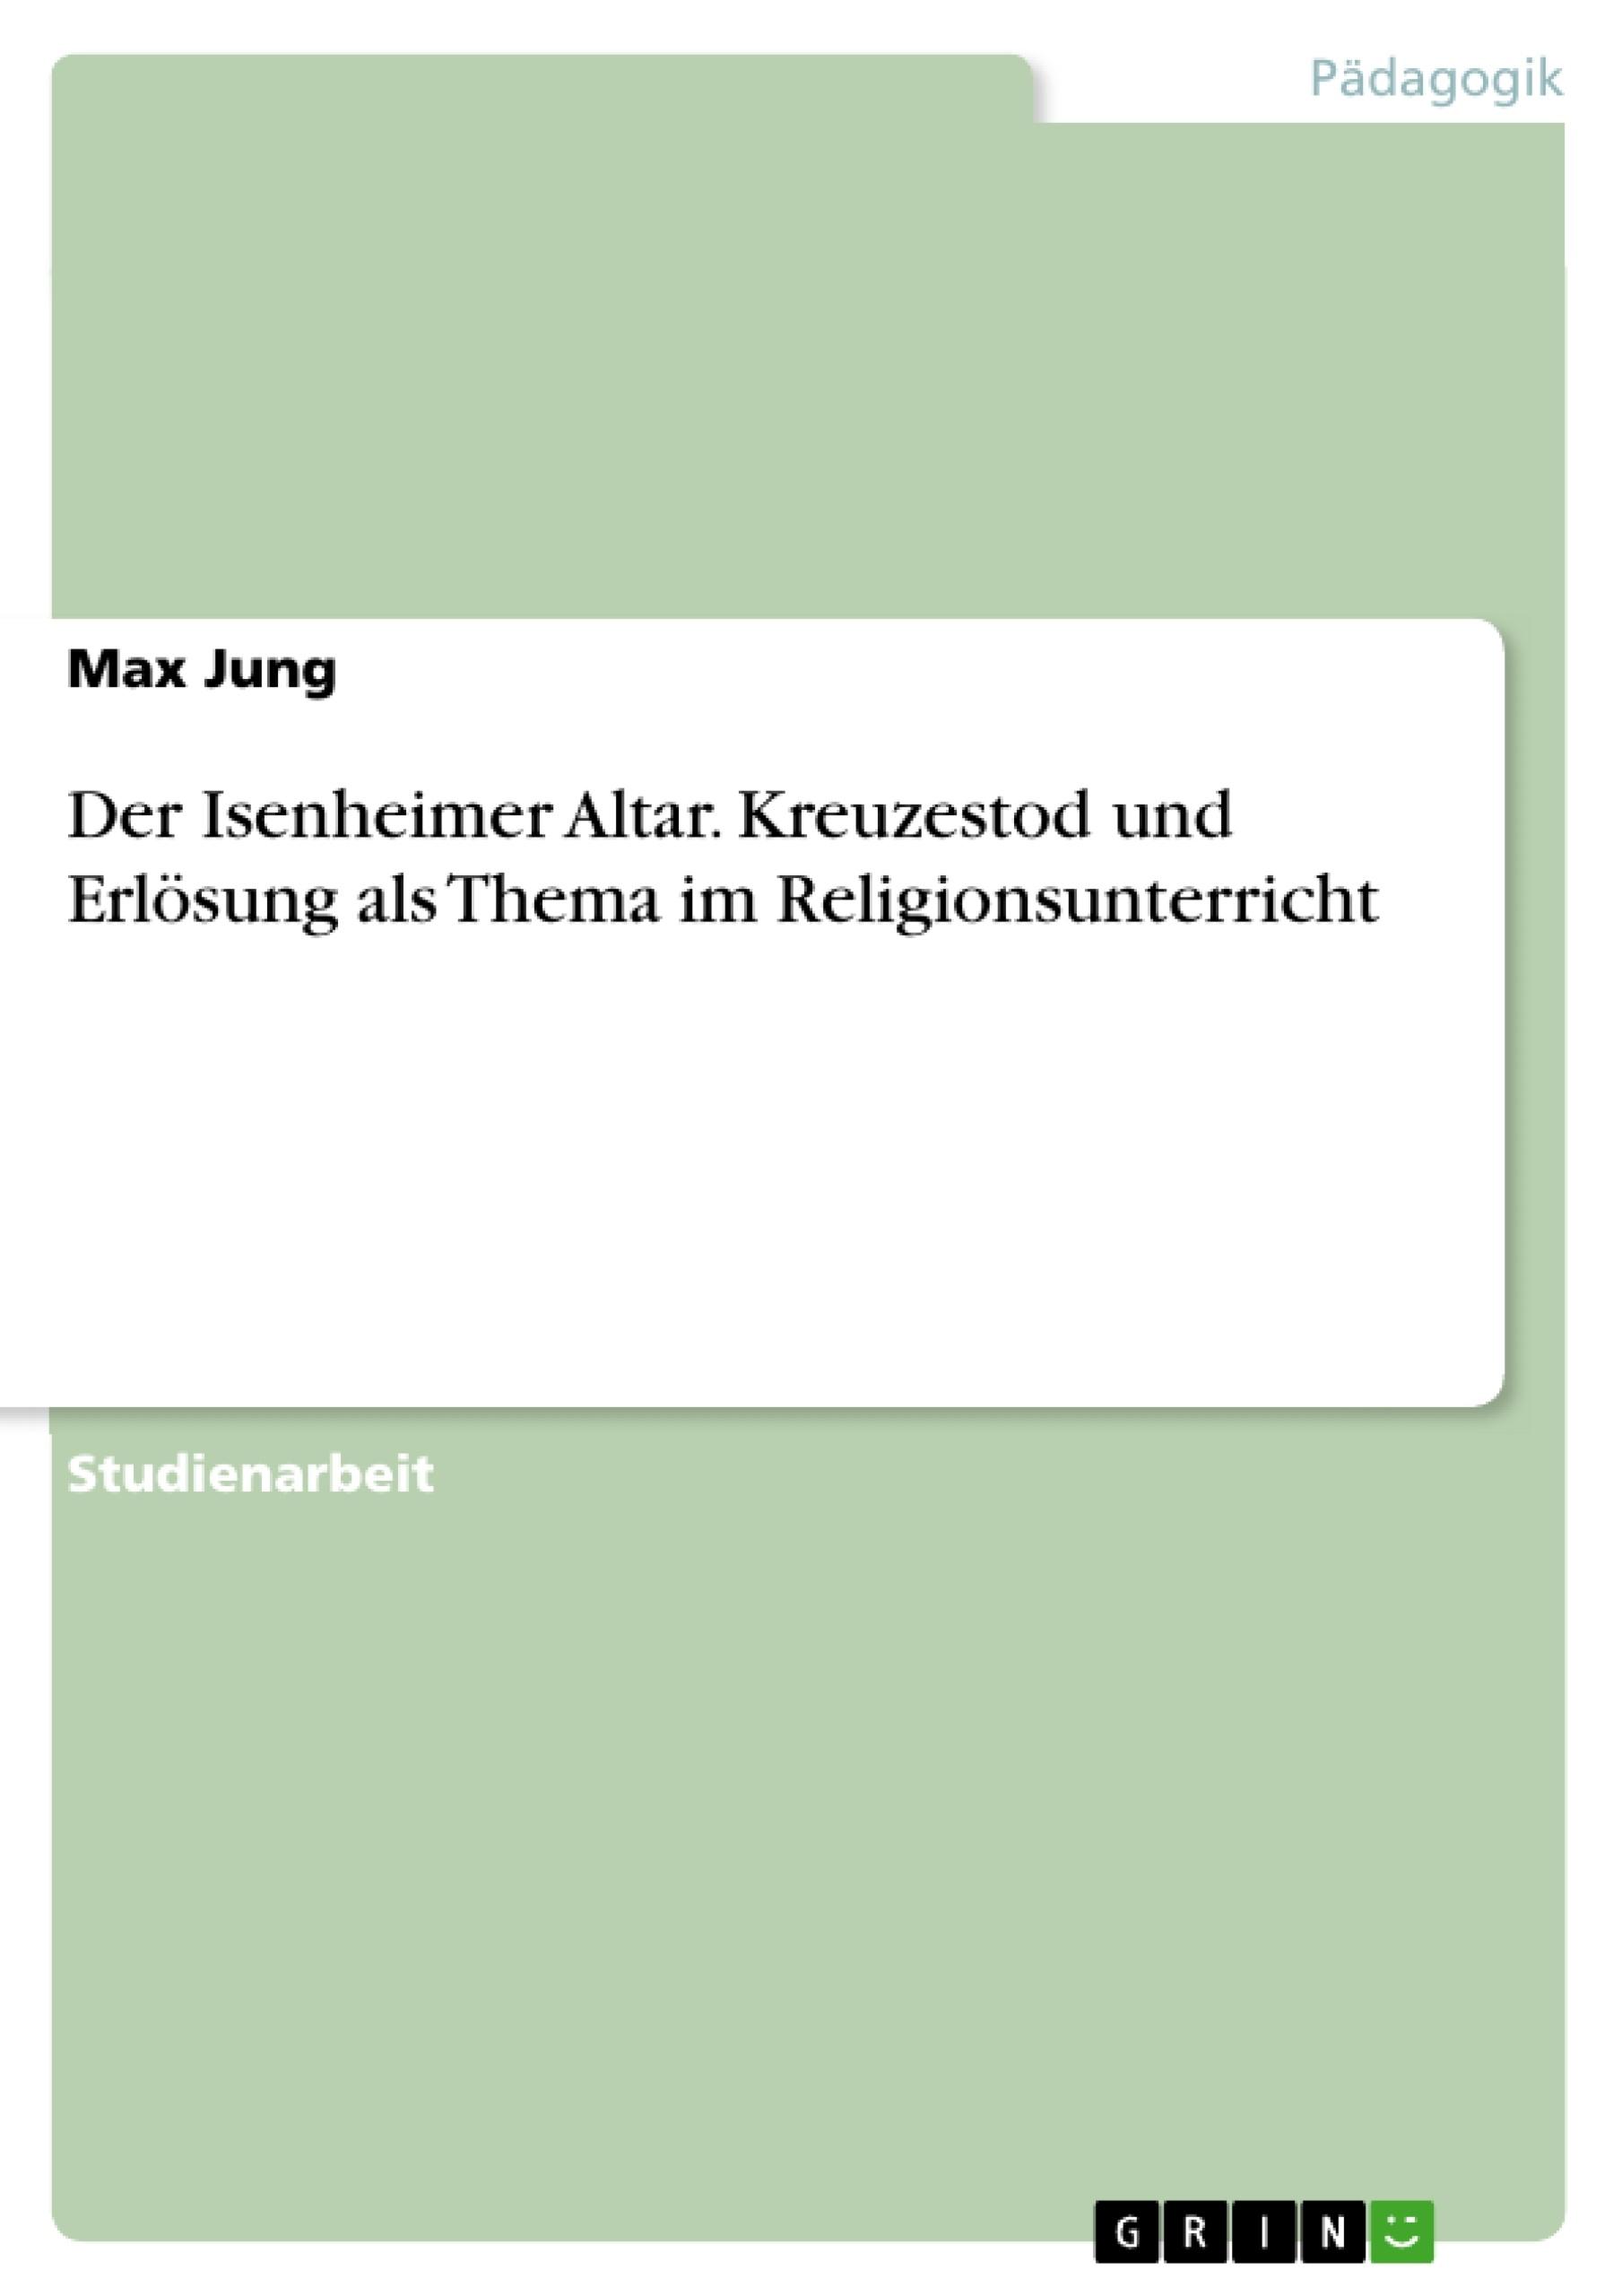 Titel: Der Isenheimer Altar. Kreuzestod und Erlösung als Thema im Religionsunterricht